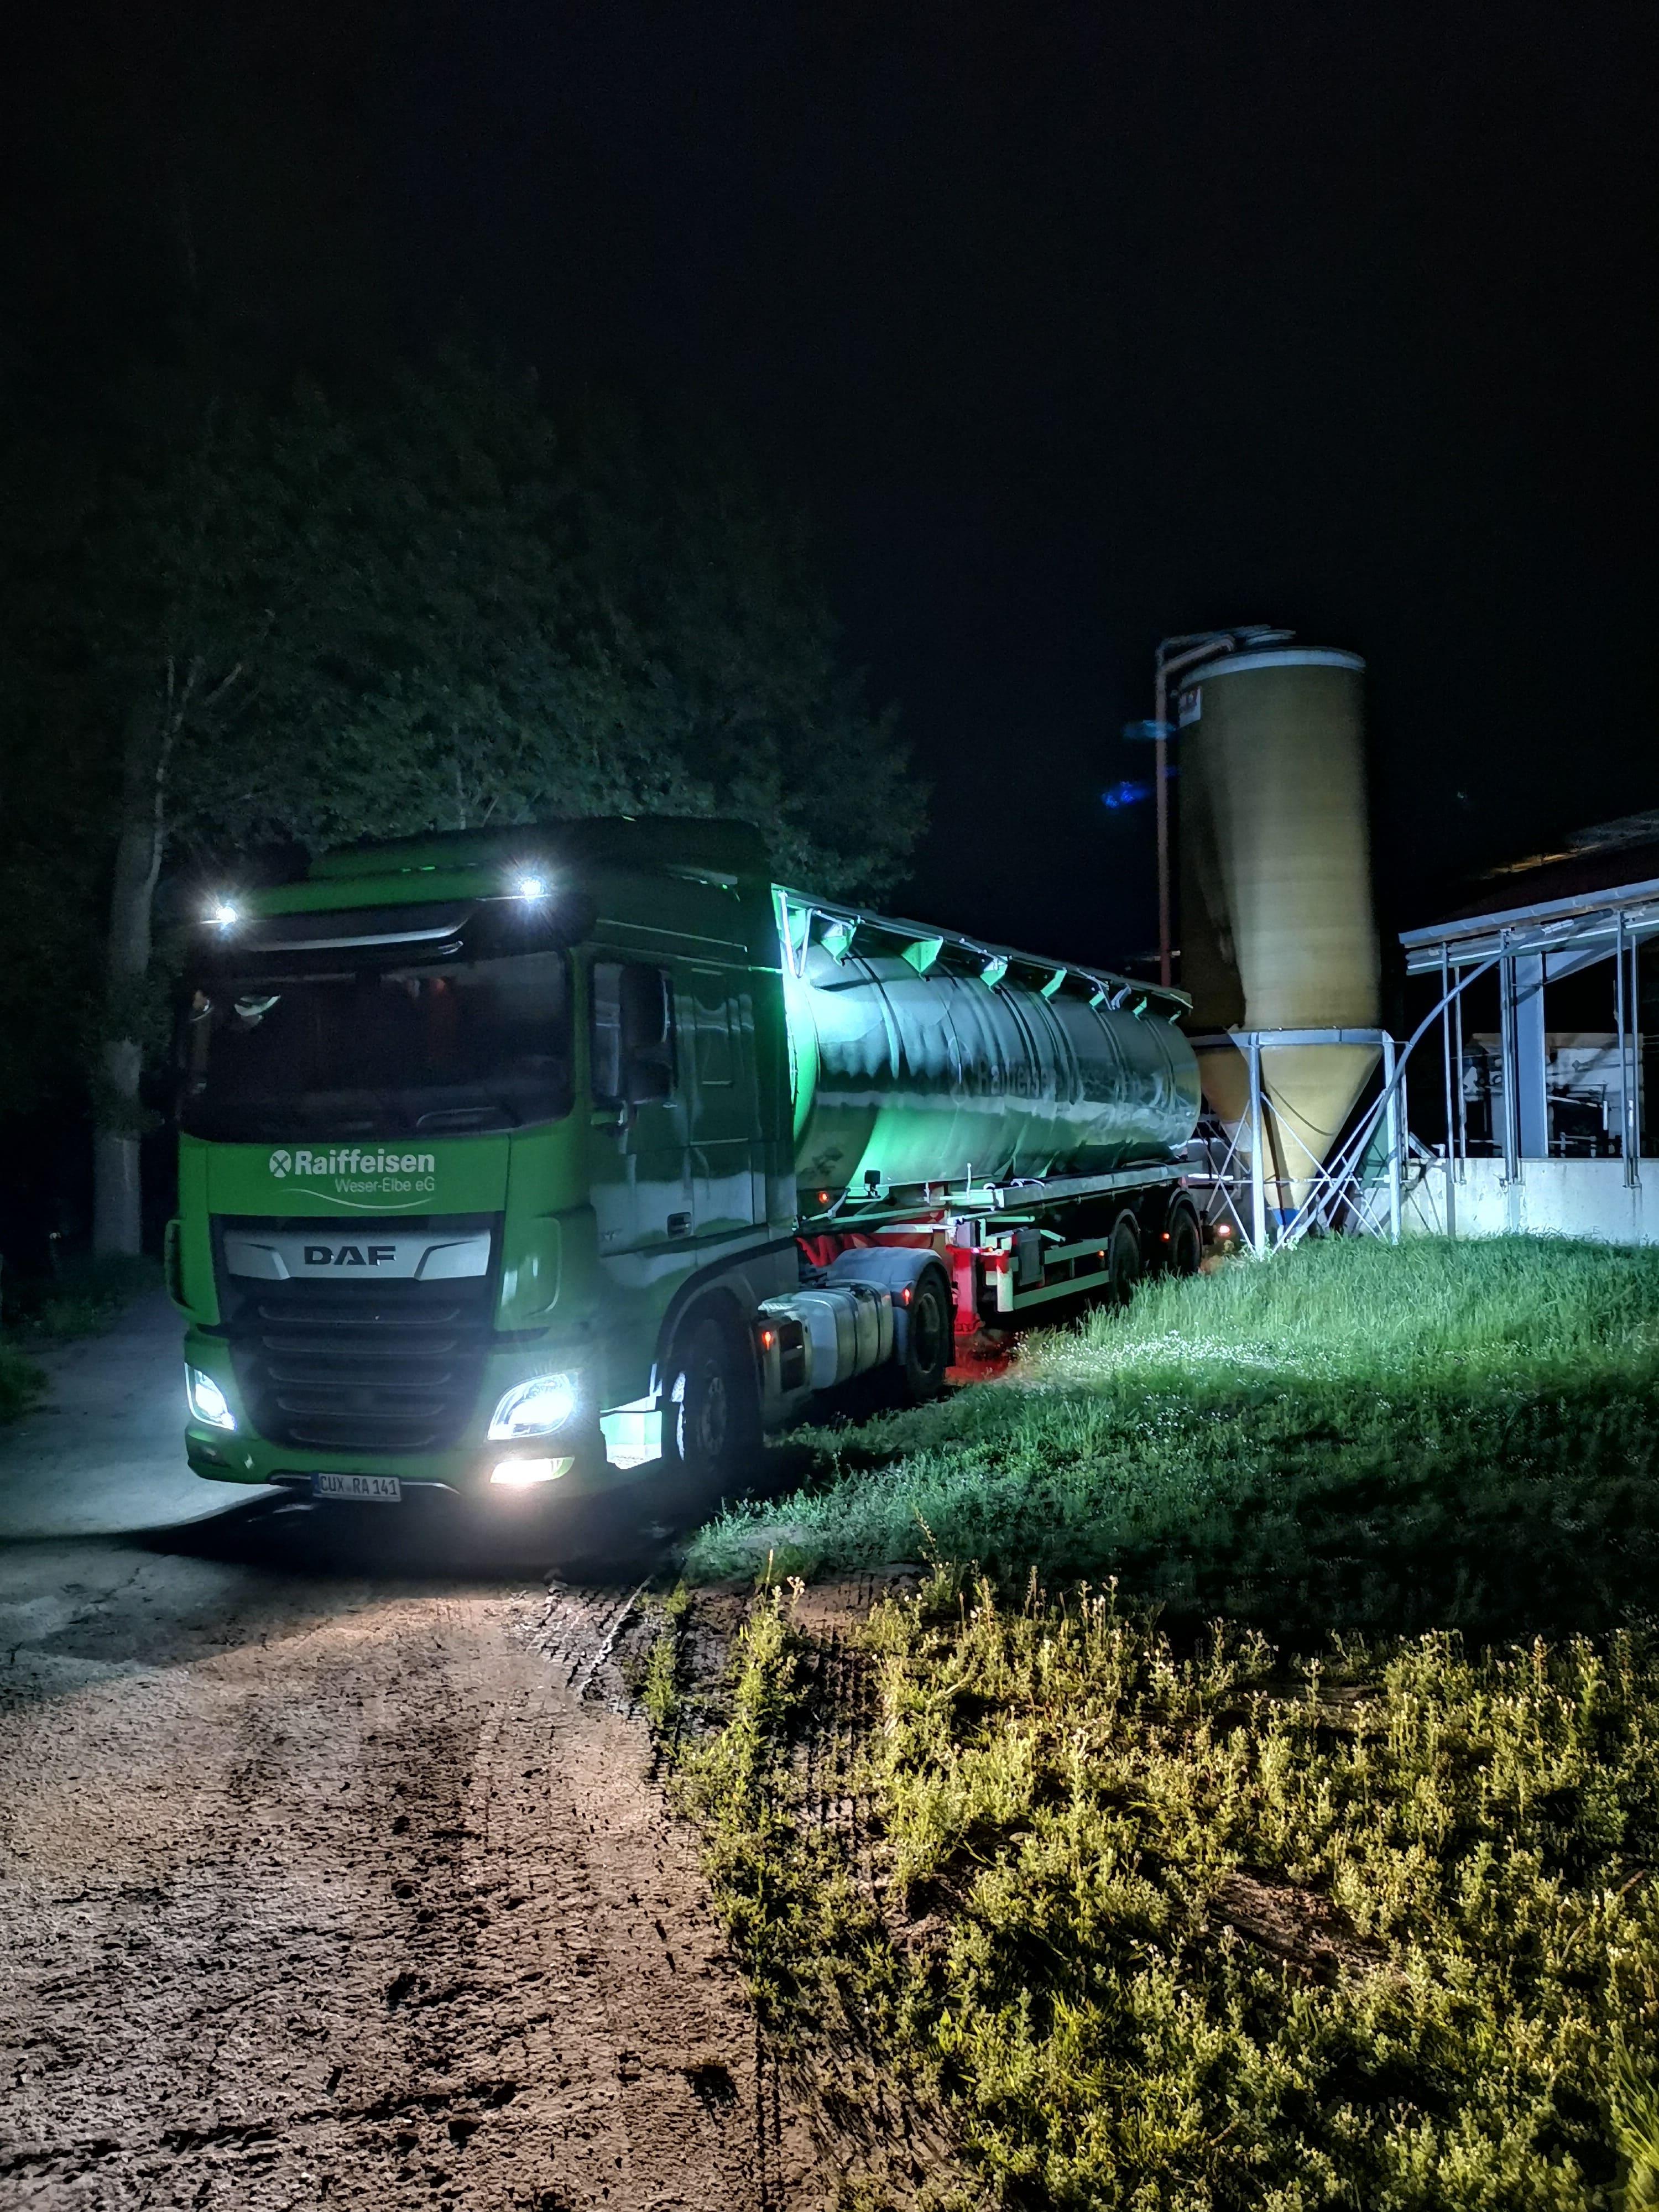 Auslieferung an die Raiffeisen Weser-Elbe e.G.